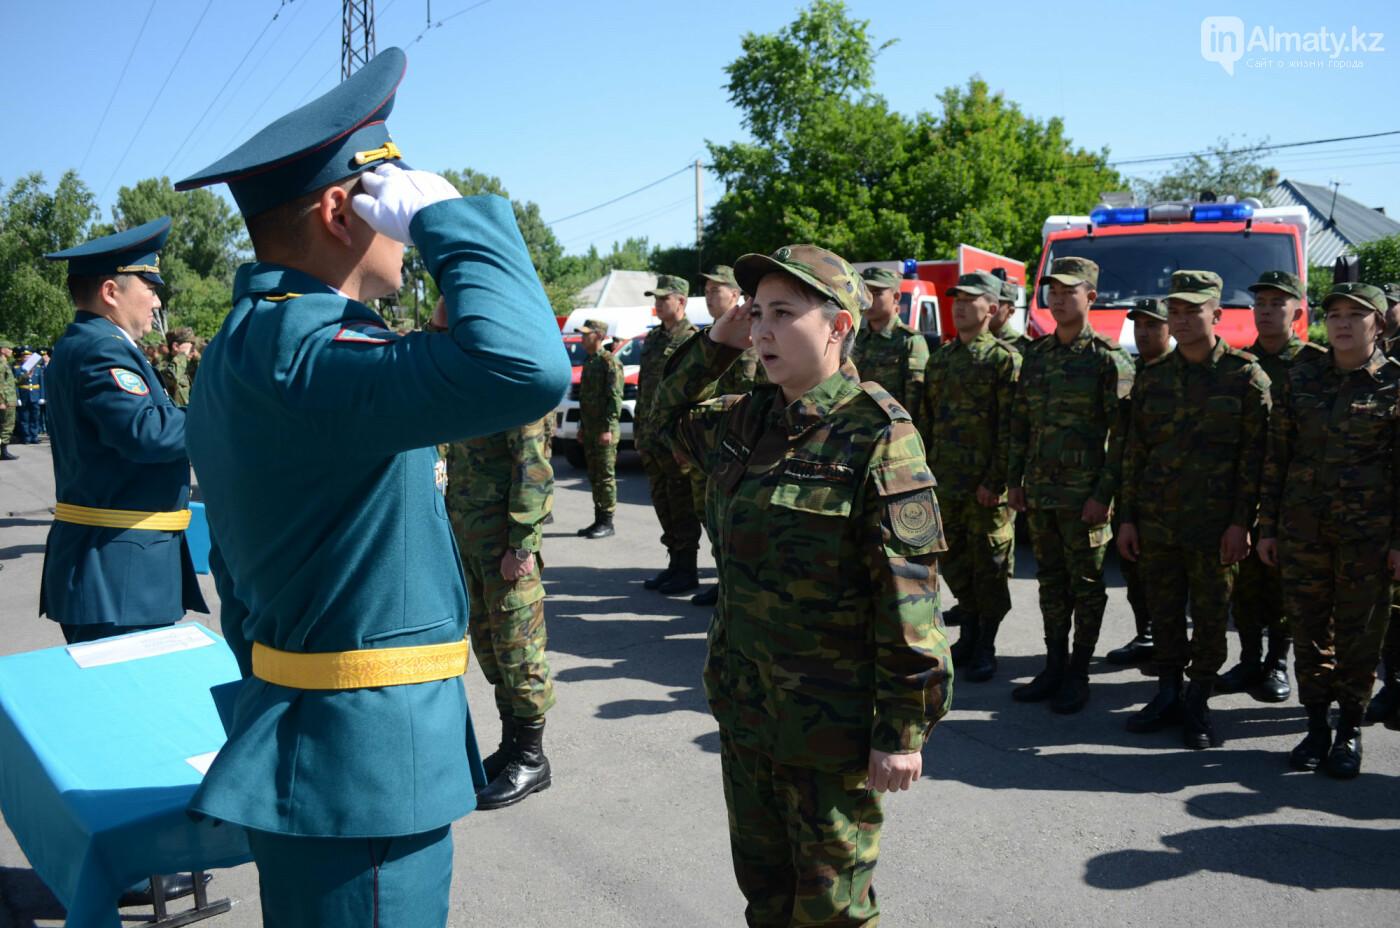 В Алматы почтили память пожарных героически погибших 30 лет назад , фото-6